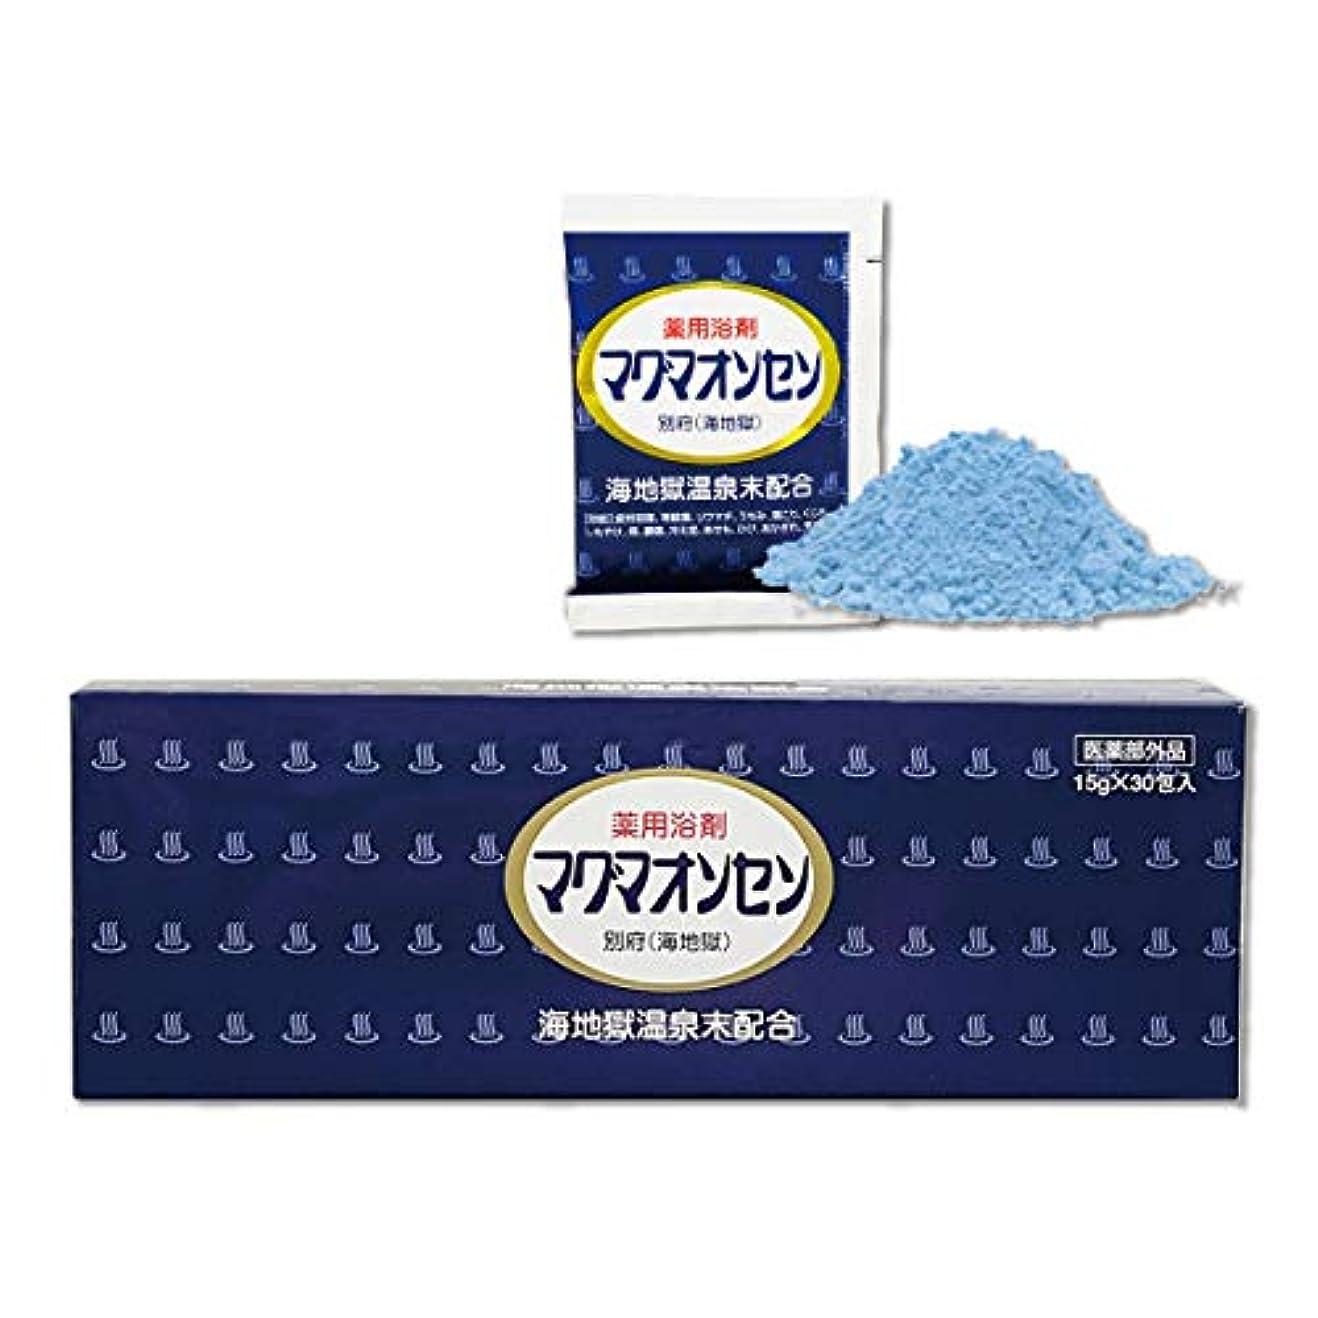 アストロラーベ相対的招待薬用浴剤 マグマオンセン 別府(海地獄)15g×30包入 (医薬部外品)